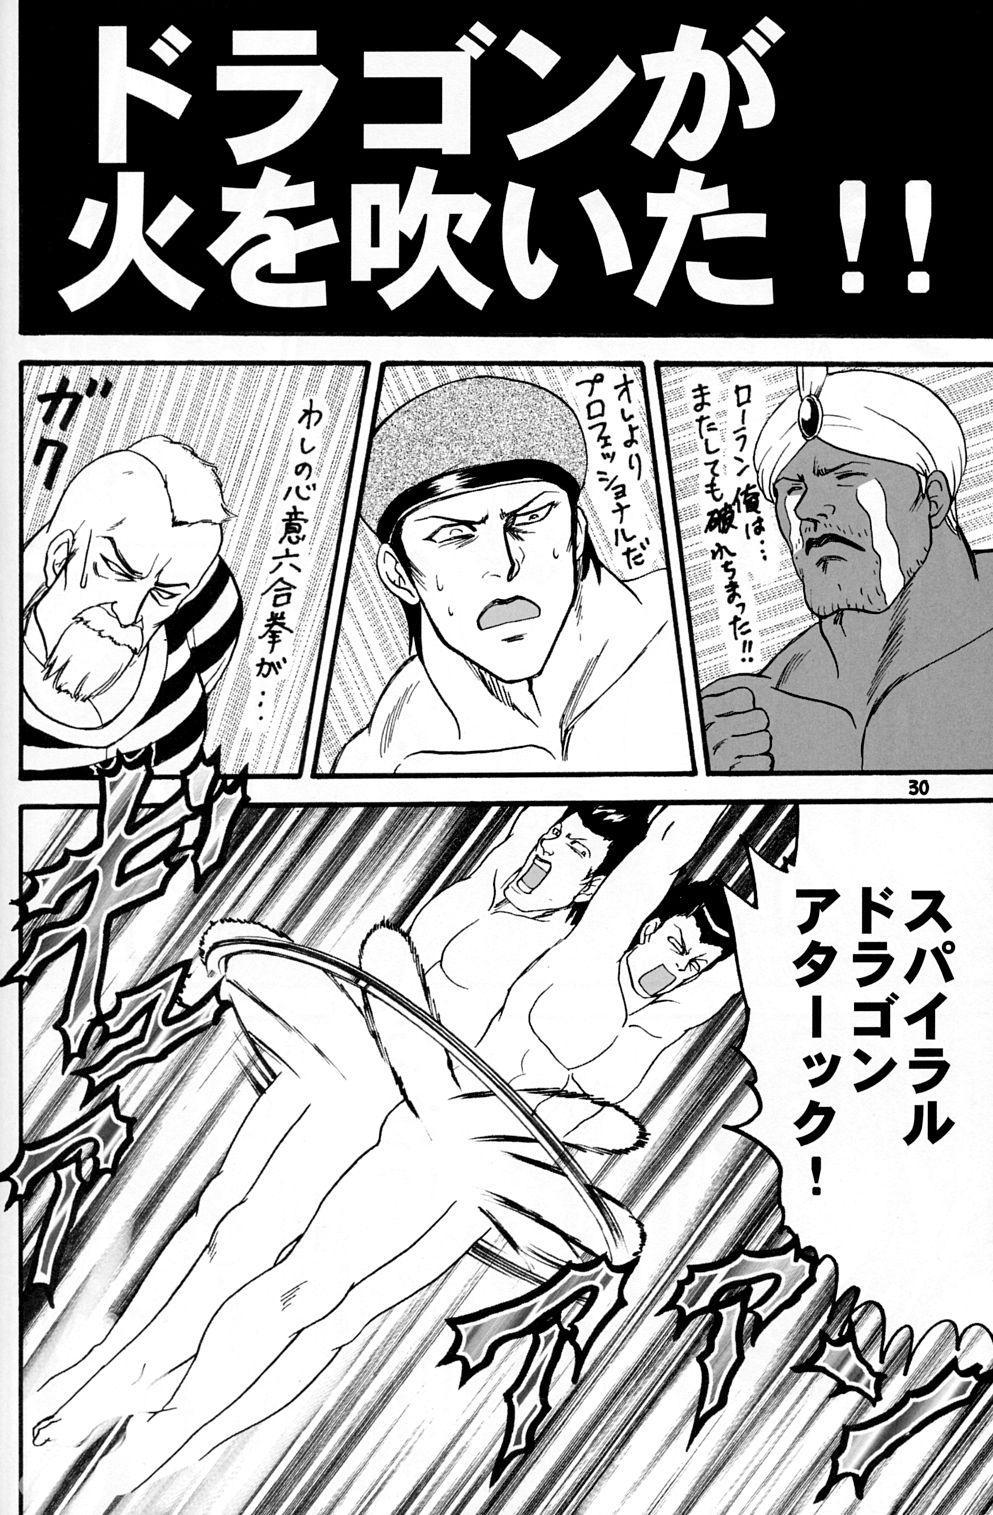 Gokujou desu yo! - It's XTREME! 28